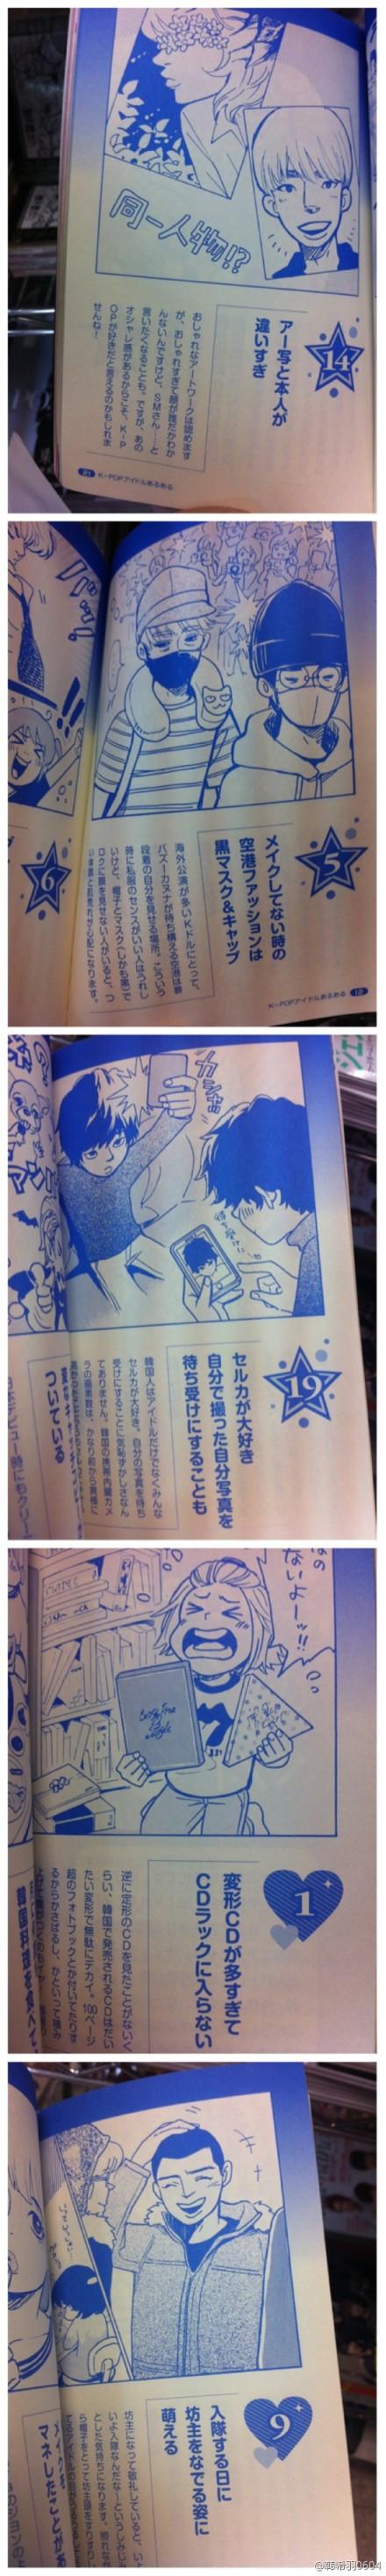 130418 Super Junior Manga